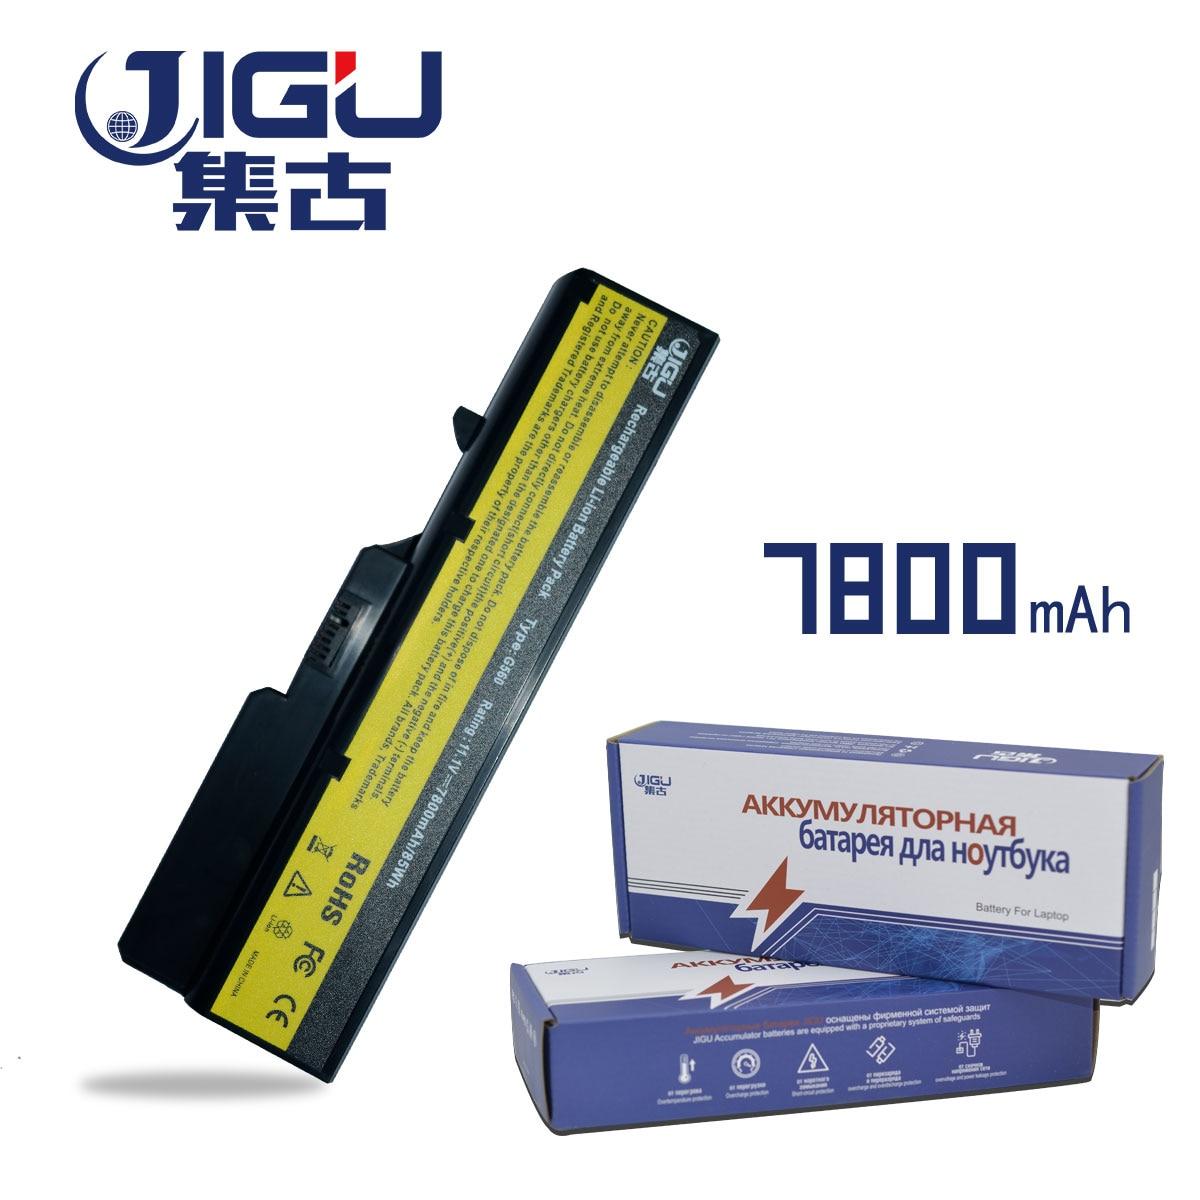 JIGU 9 Células Bateria Do Portátil Para Lenovo IdeaPad E47G E47L G465 G470 G475 G560 G565 G570 G780 G770 V360 V370 v470 V570 Z370